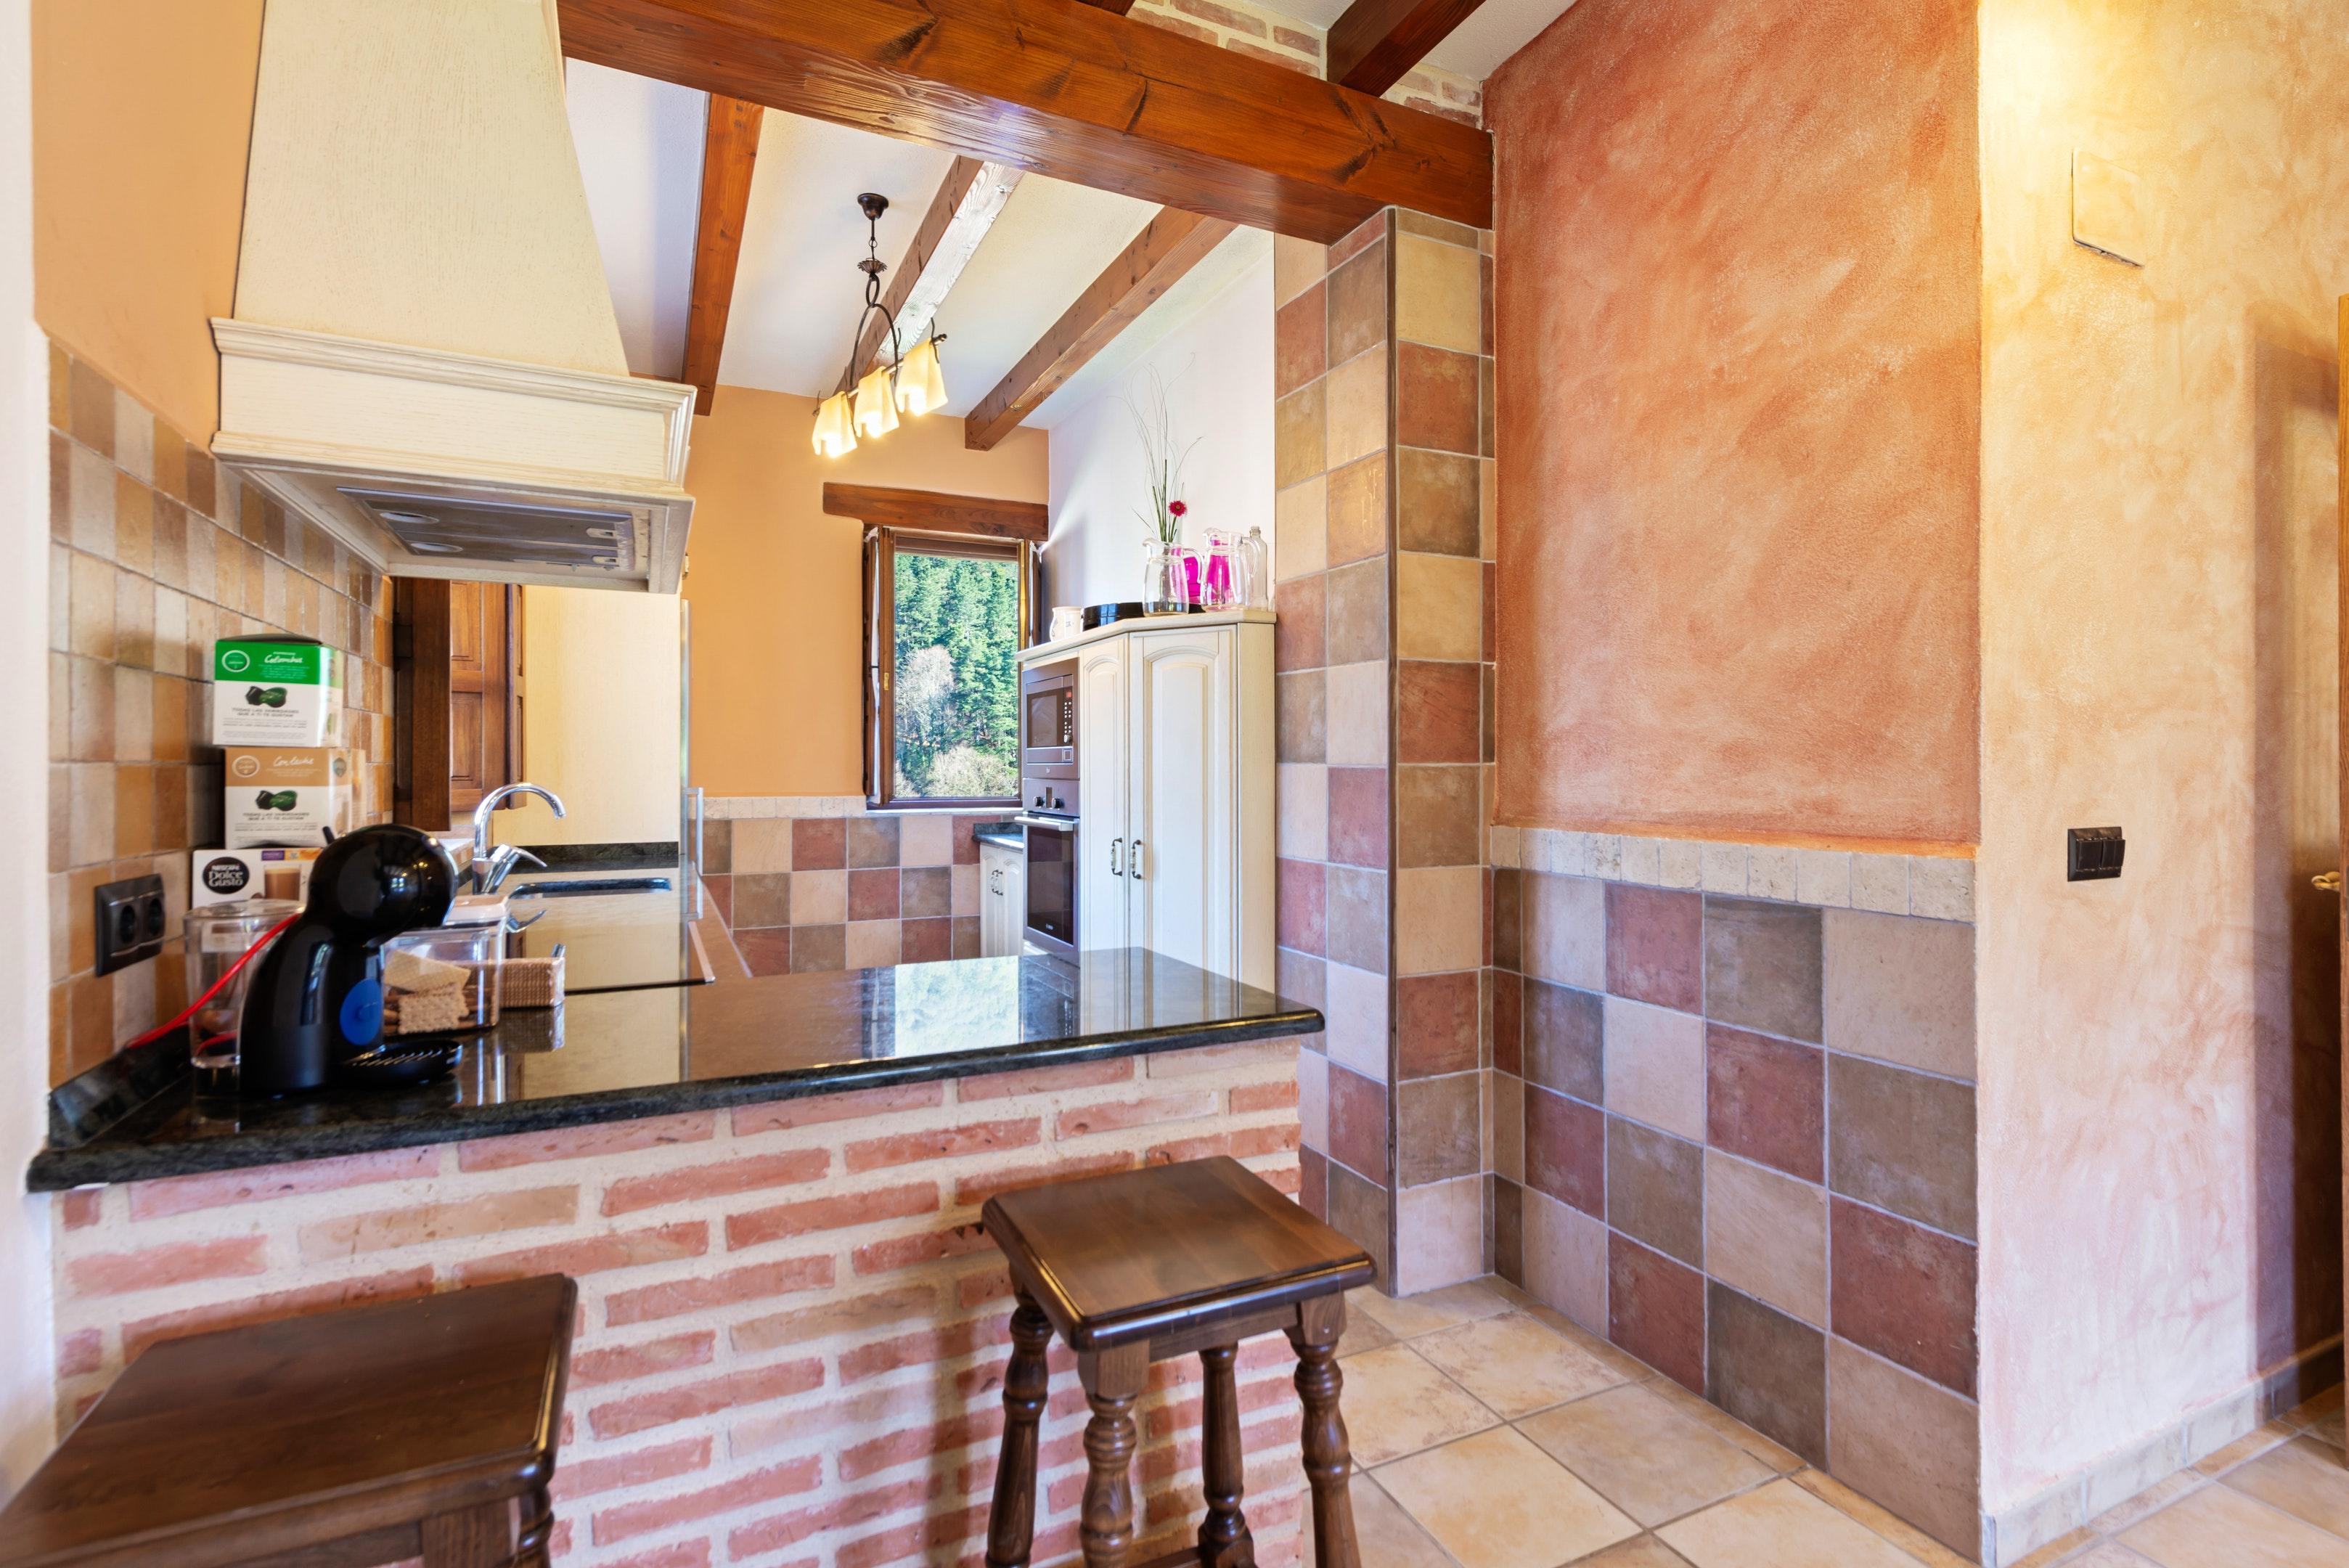 Ferienhaus Villa mit 6 Schlafzimmern in Bizkaia mit privatem Pool und möblierter Terrasse (2519370), Dima, Bizkaia, Baskenland, Spanien, Bild 5